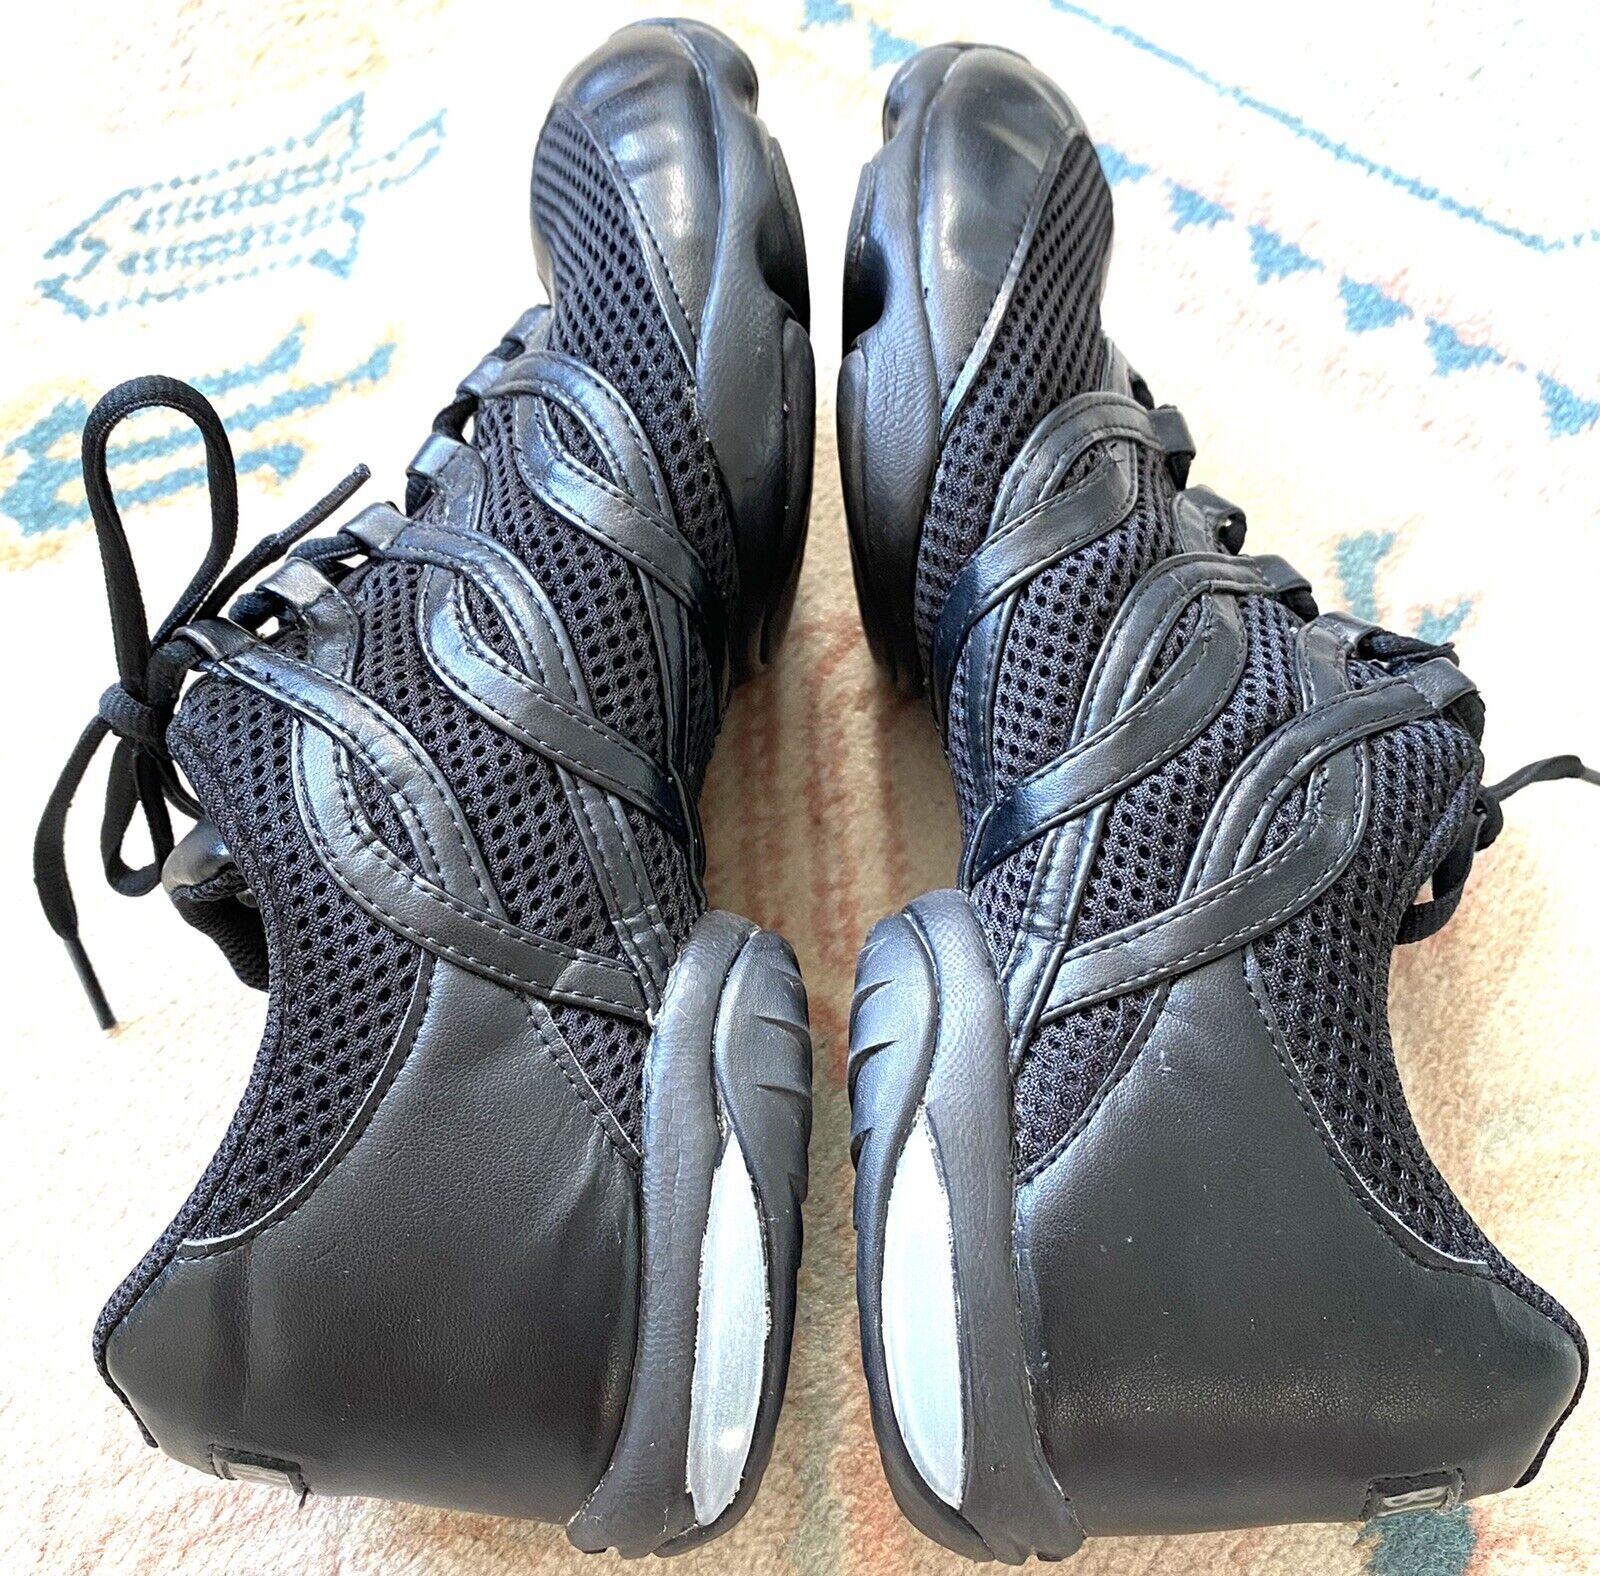 BLOCH Adult Wave Split Sole Dance Sneakers In Black U.K Size 10 - Pristine